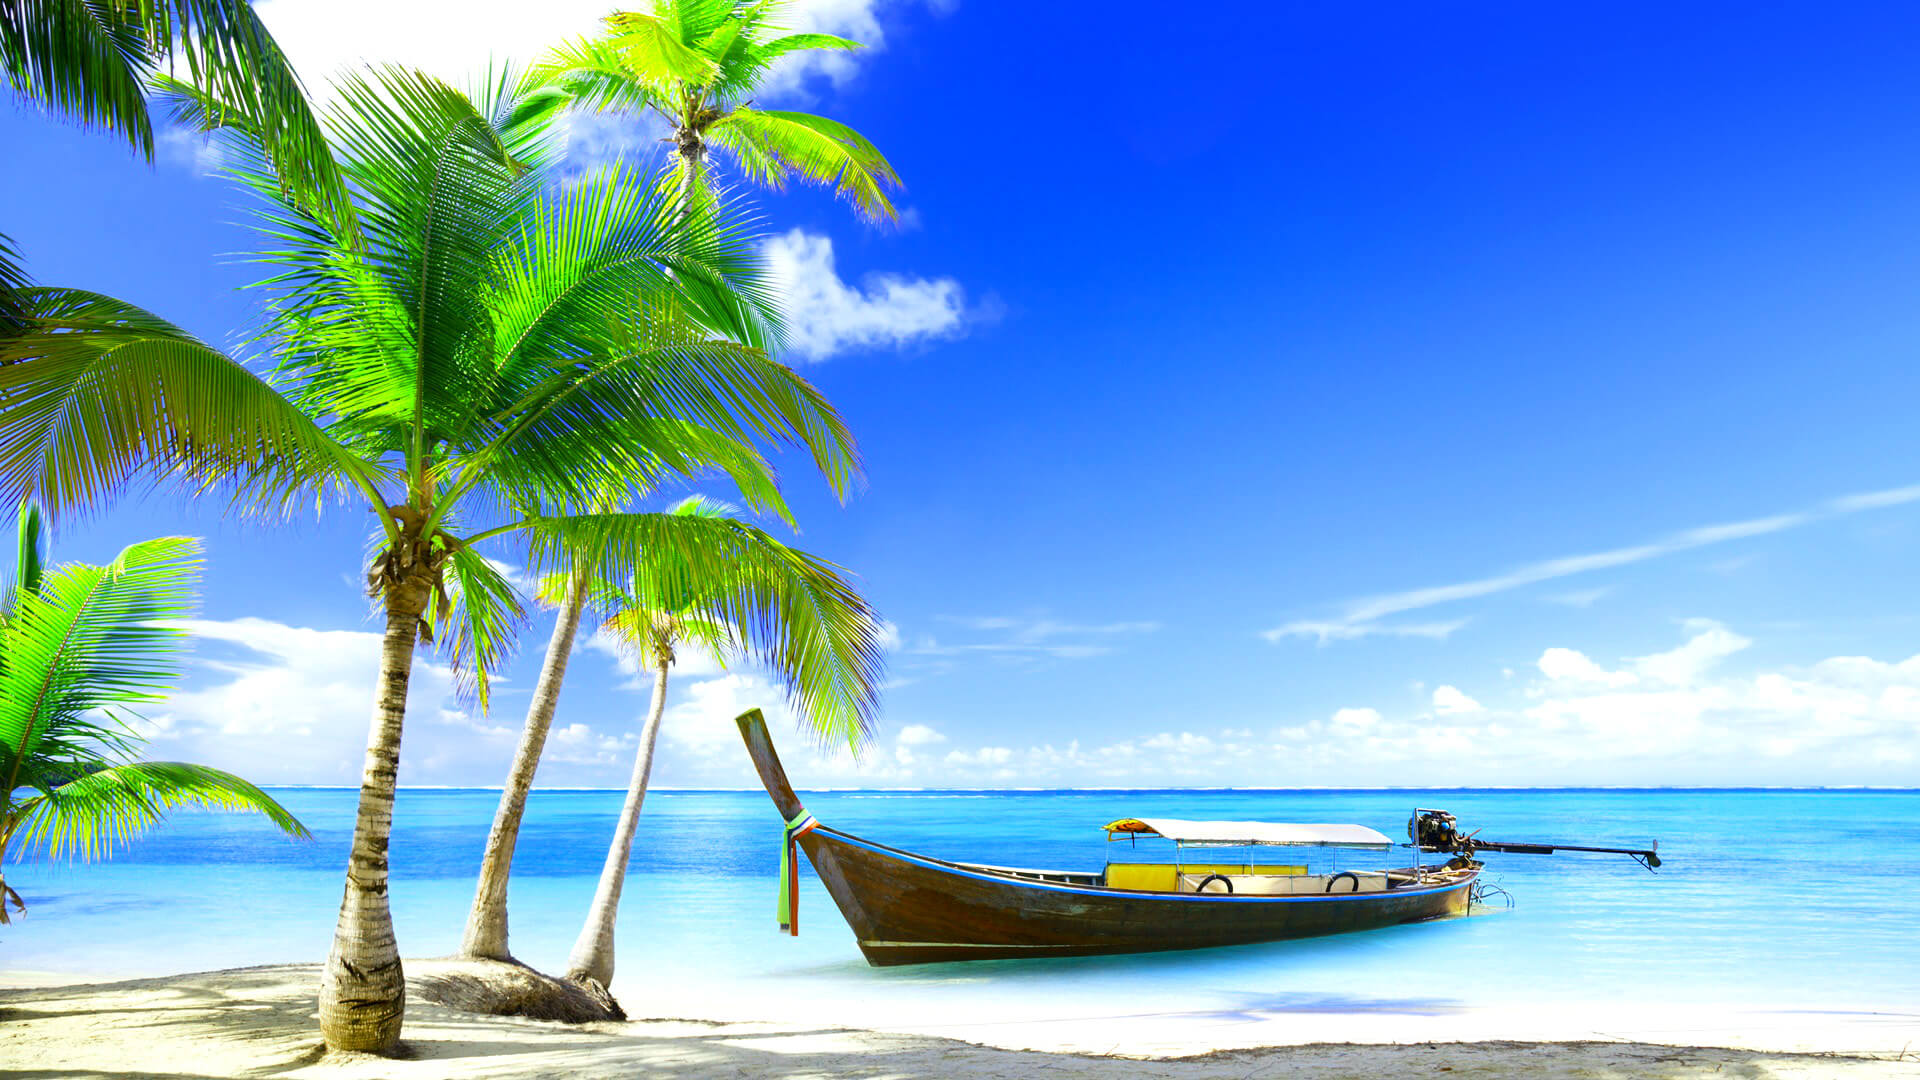 Prévention des maladies lors d'un voyage vers un pays tropical